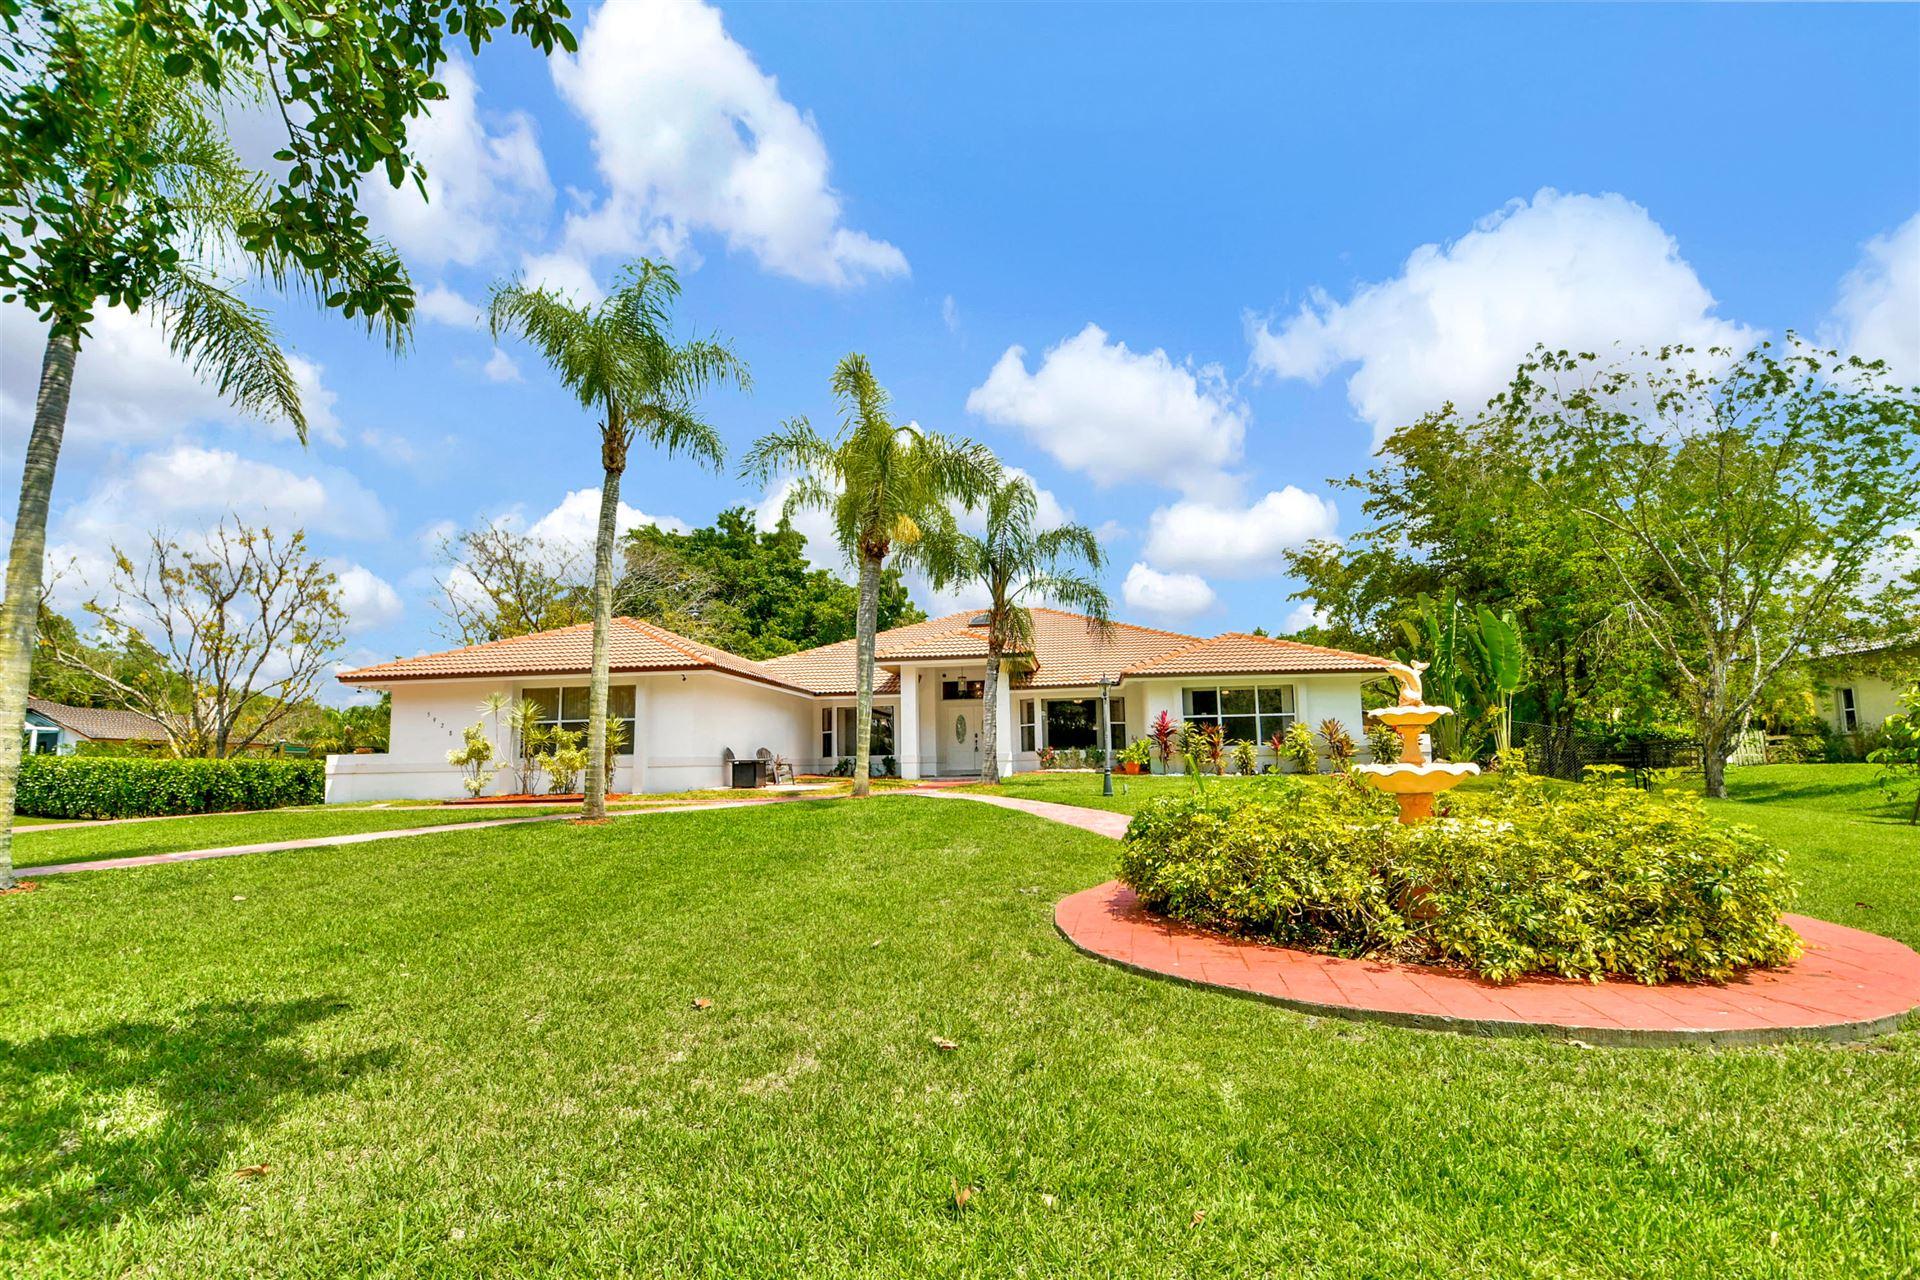 5928 NW 77 Ter Terrace, Parkland, FL 33067 - MLS#: RX-10709160